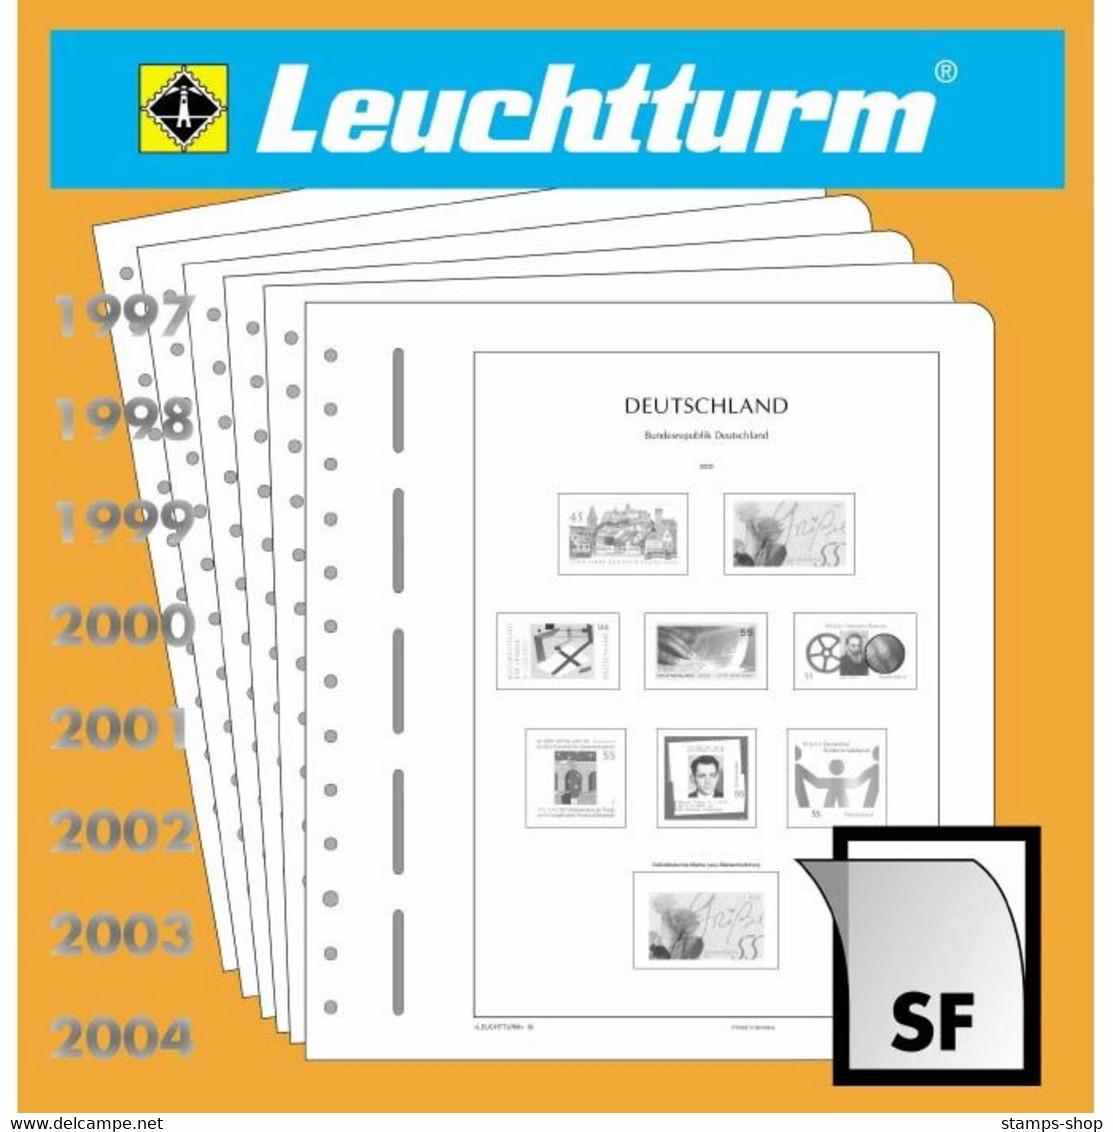 Leuchtturm Nachtrag Deutschland Gemeinschaftsausgaben 2003 SF Mit Taschen Neu - Pre-printed Pages